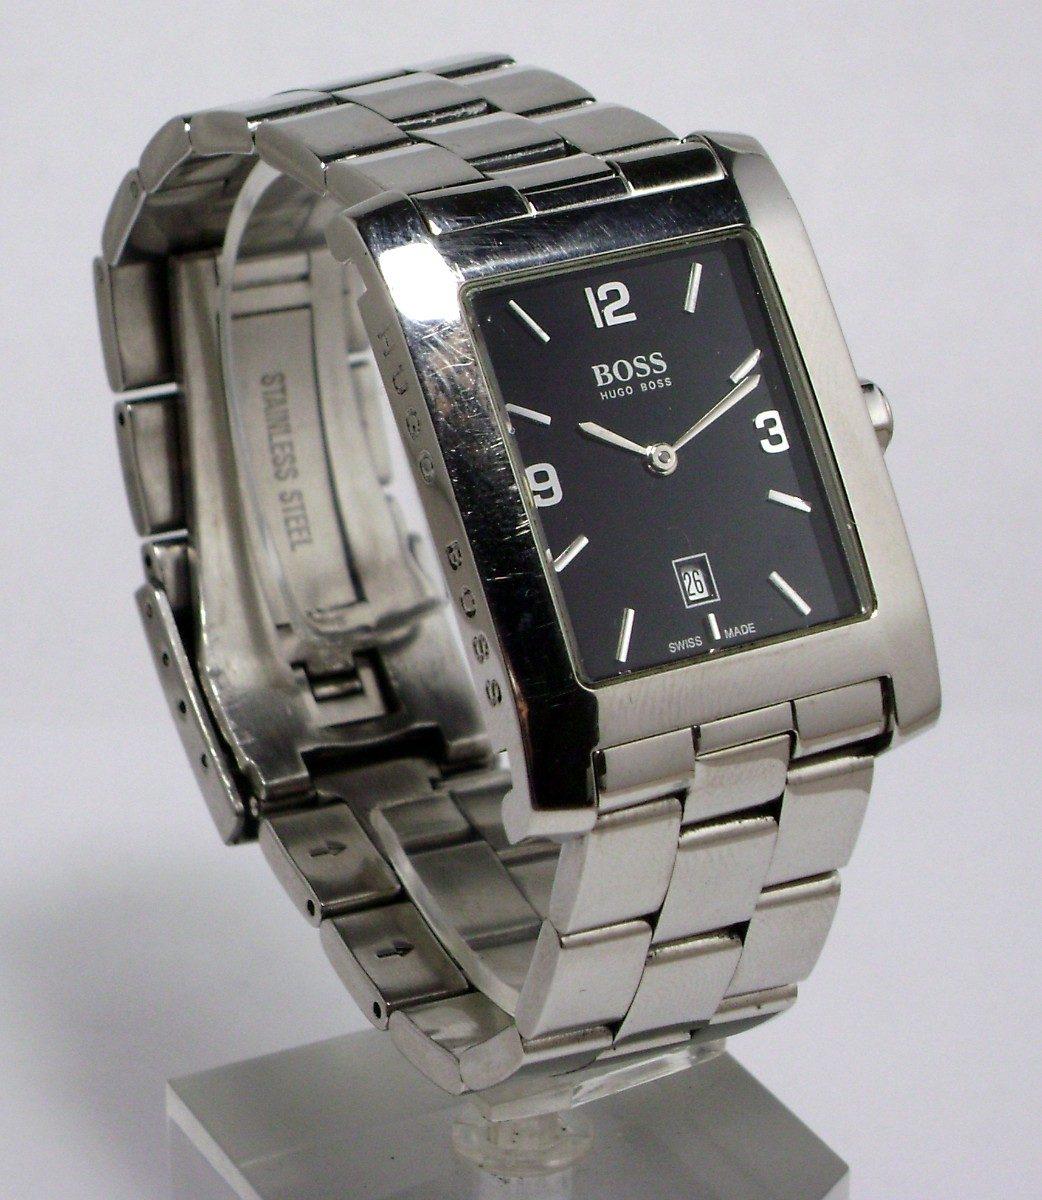 dadfd0845297 ... reloj hugo boss original precio ...